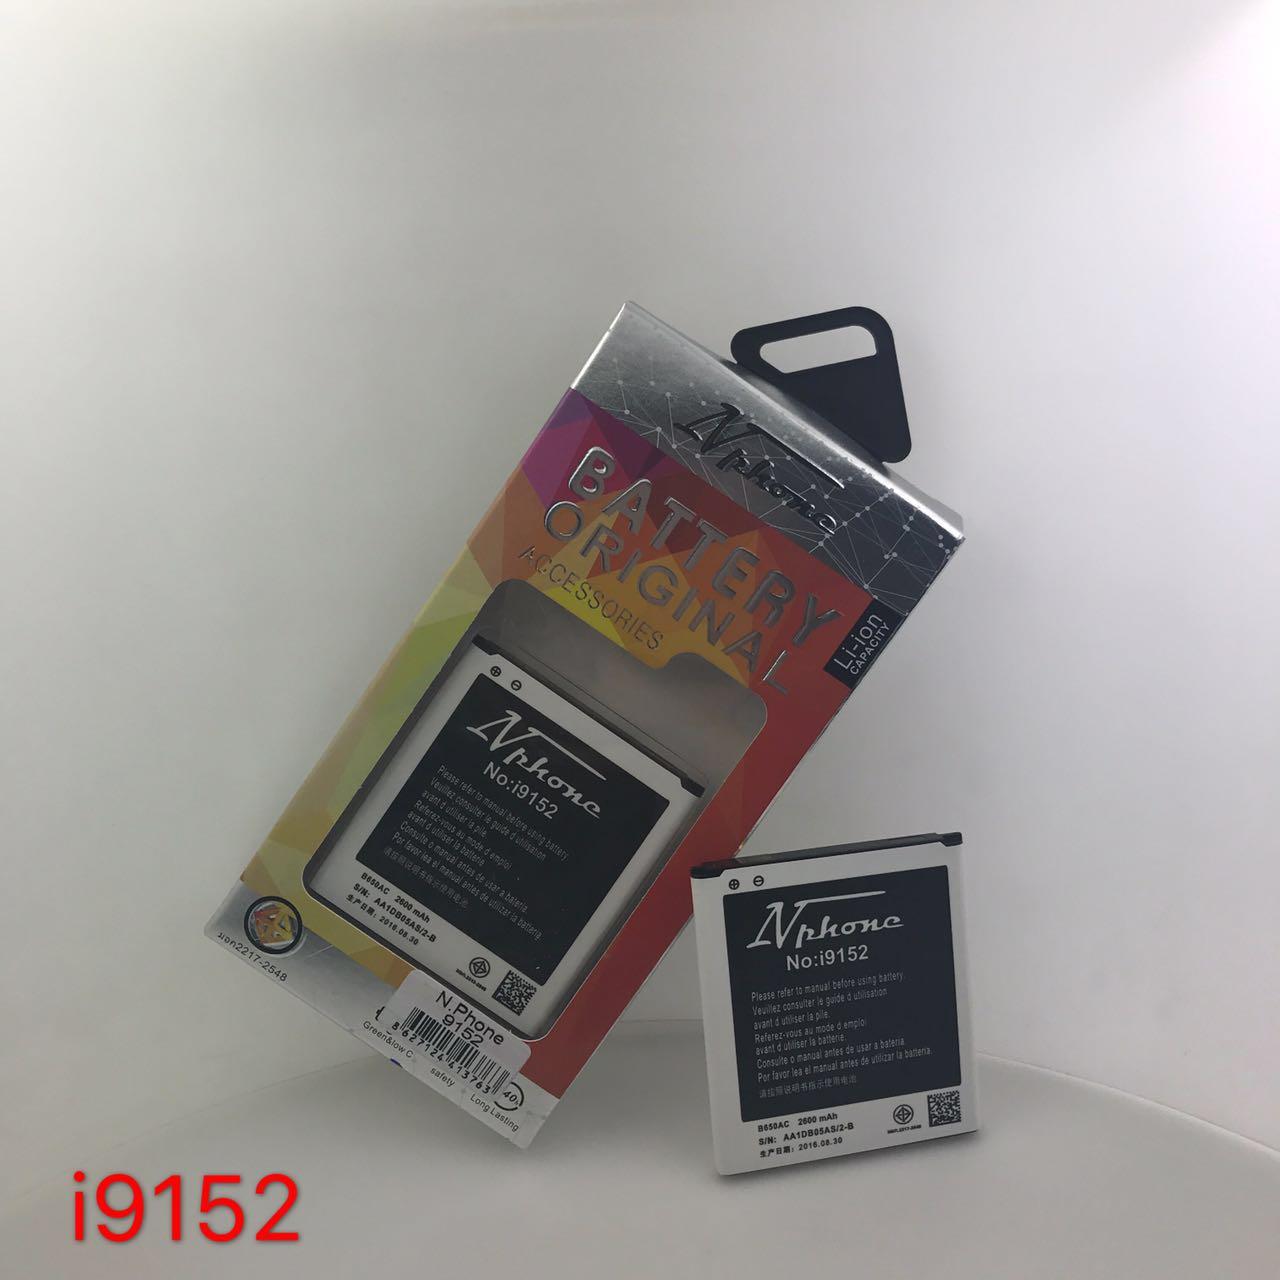 แบตเตอร์รี่ งานบริษัท ( มี มอก ไส้เต็ม ) Samsung Galaxy Mega 5.8 // i9152